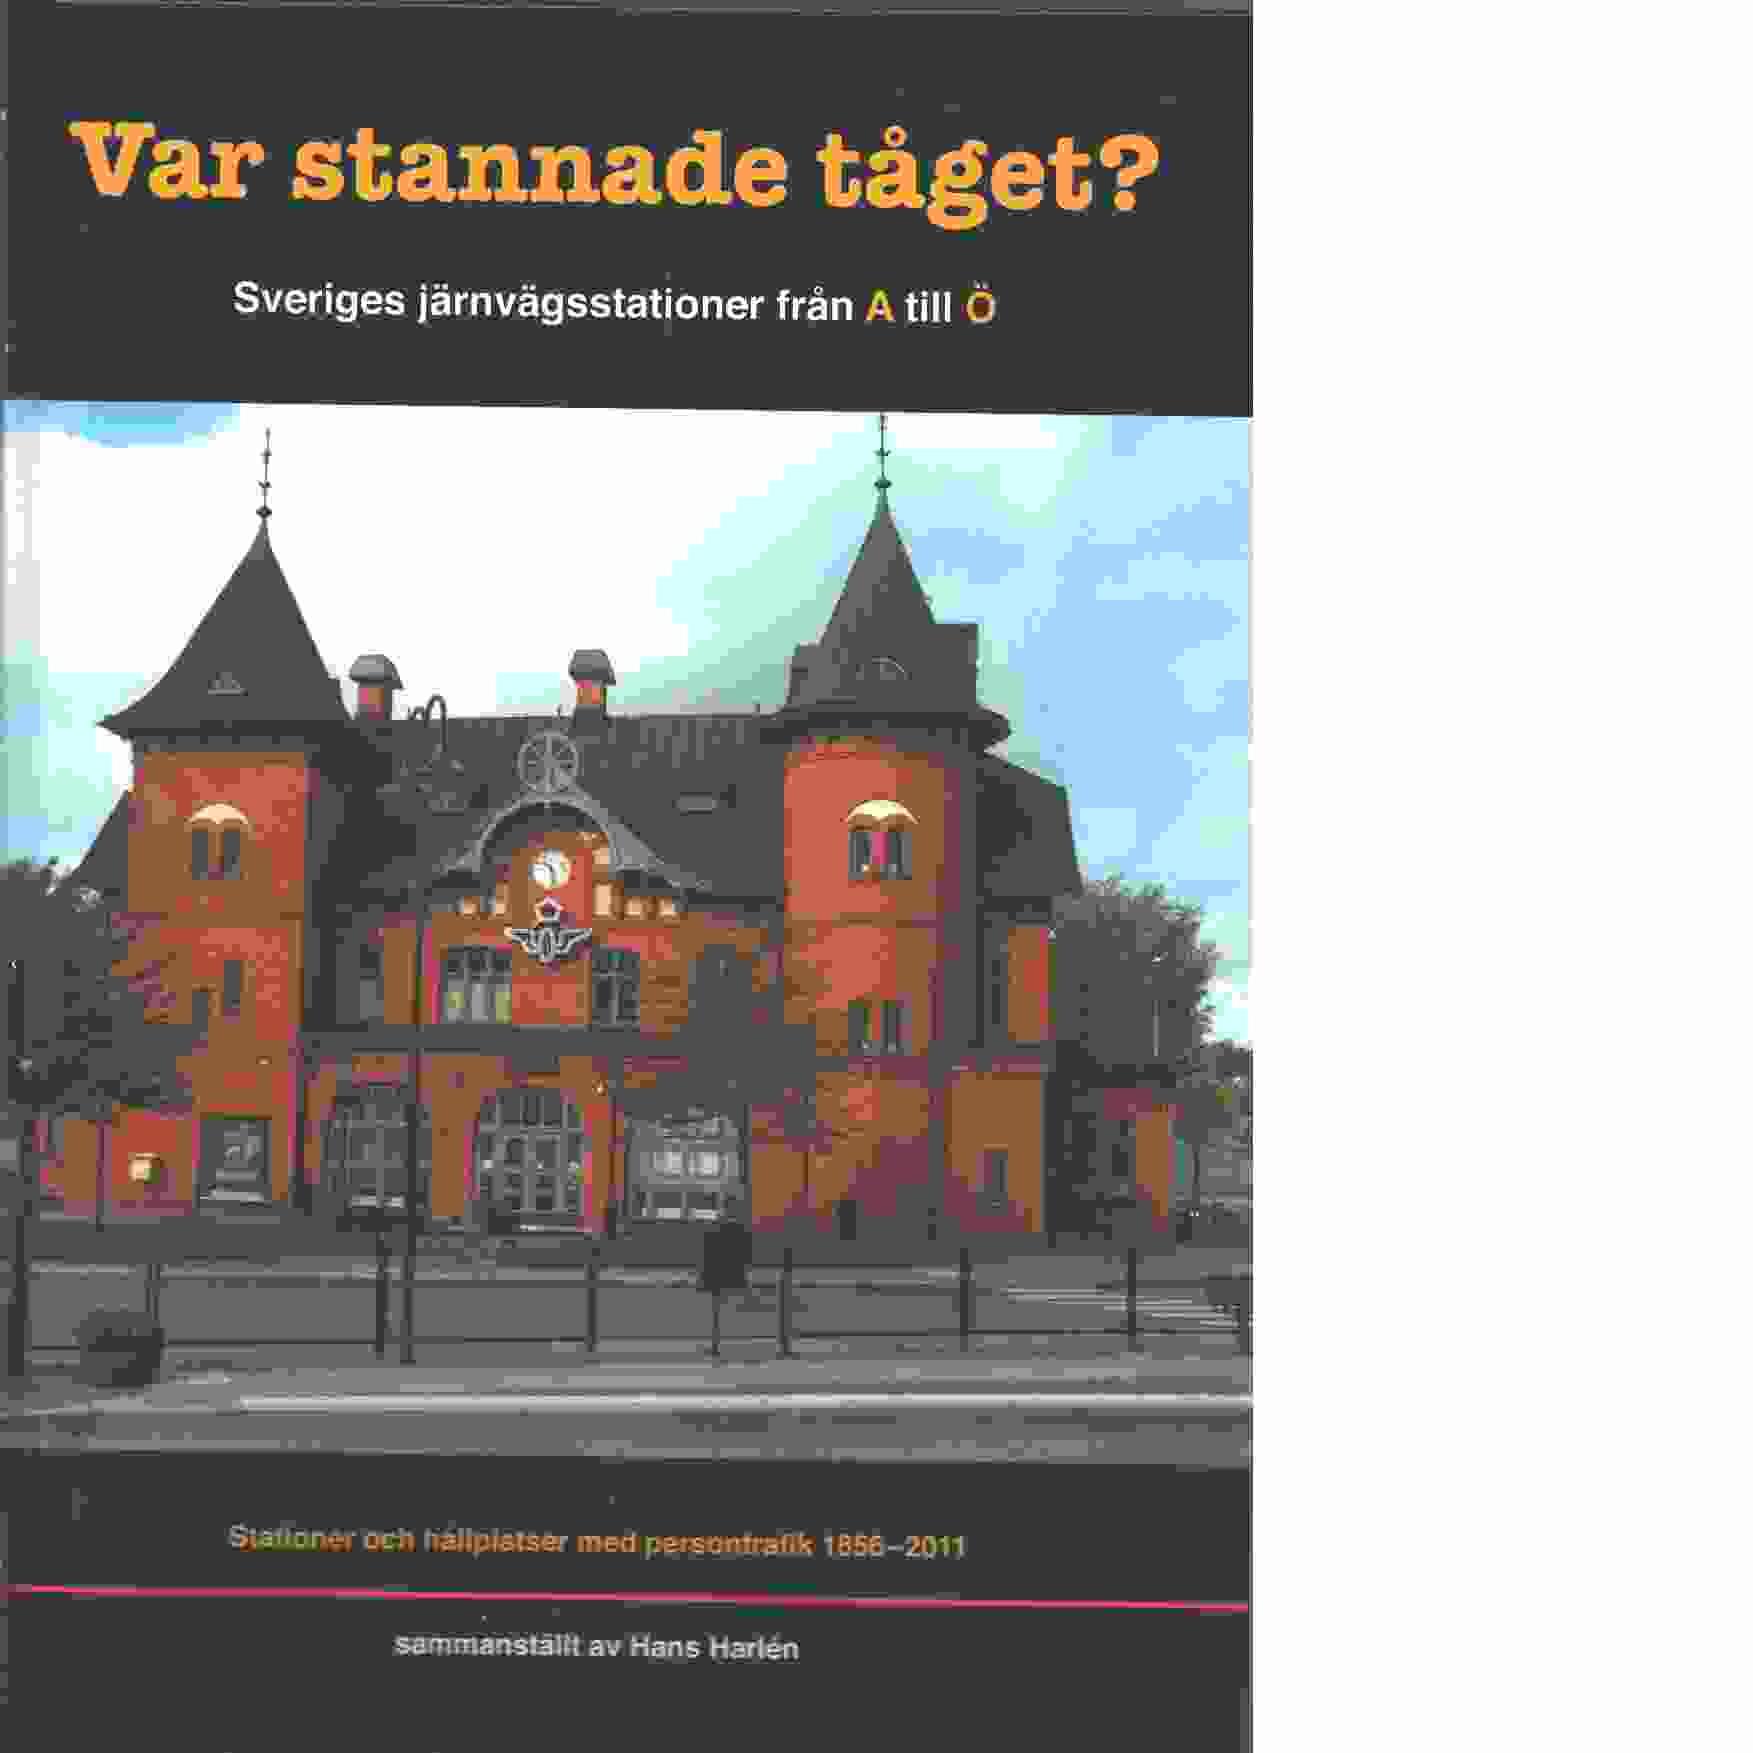 Var stannade tåget? : Sveriges järnvägsstationer från A till Ö : stationer och hållplatser med persontrafik 1856-2011 - Harlén, Hans